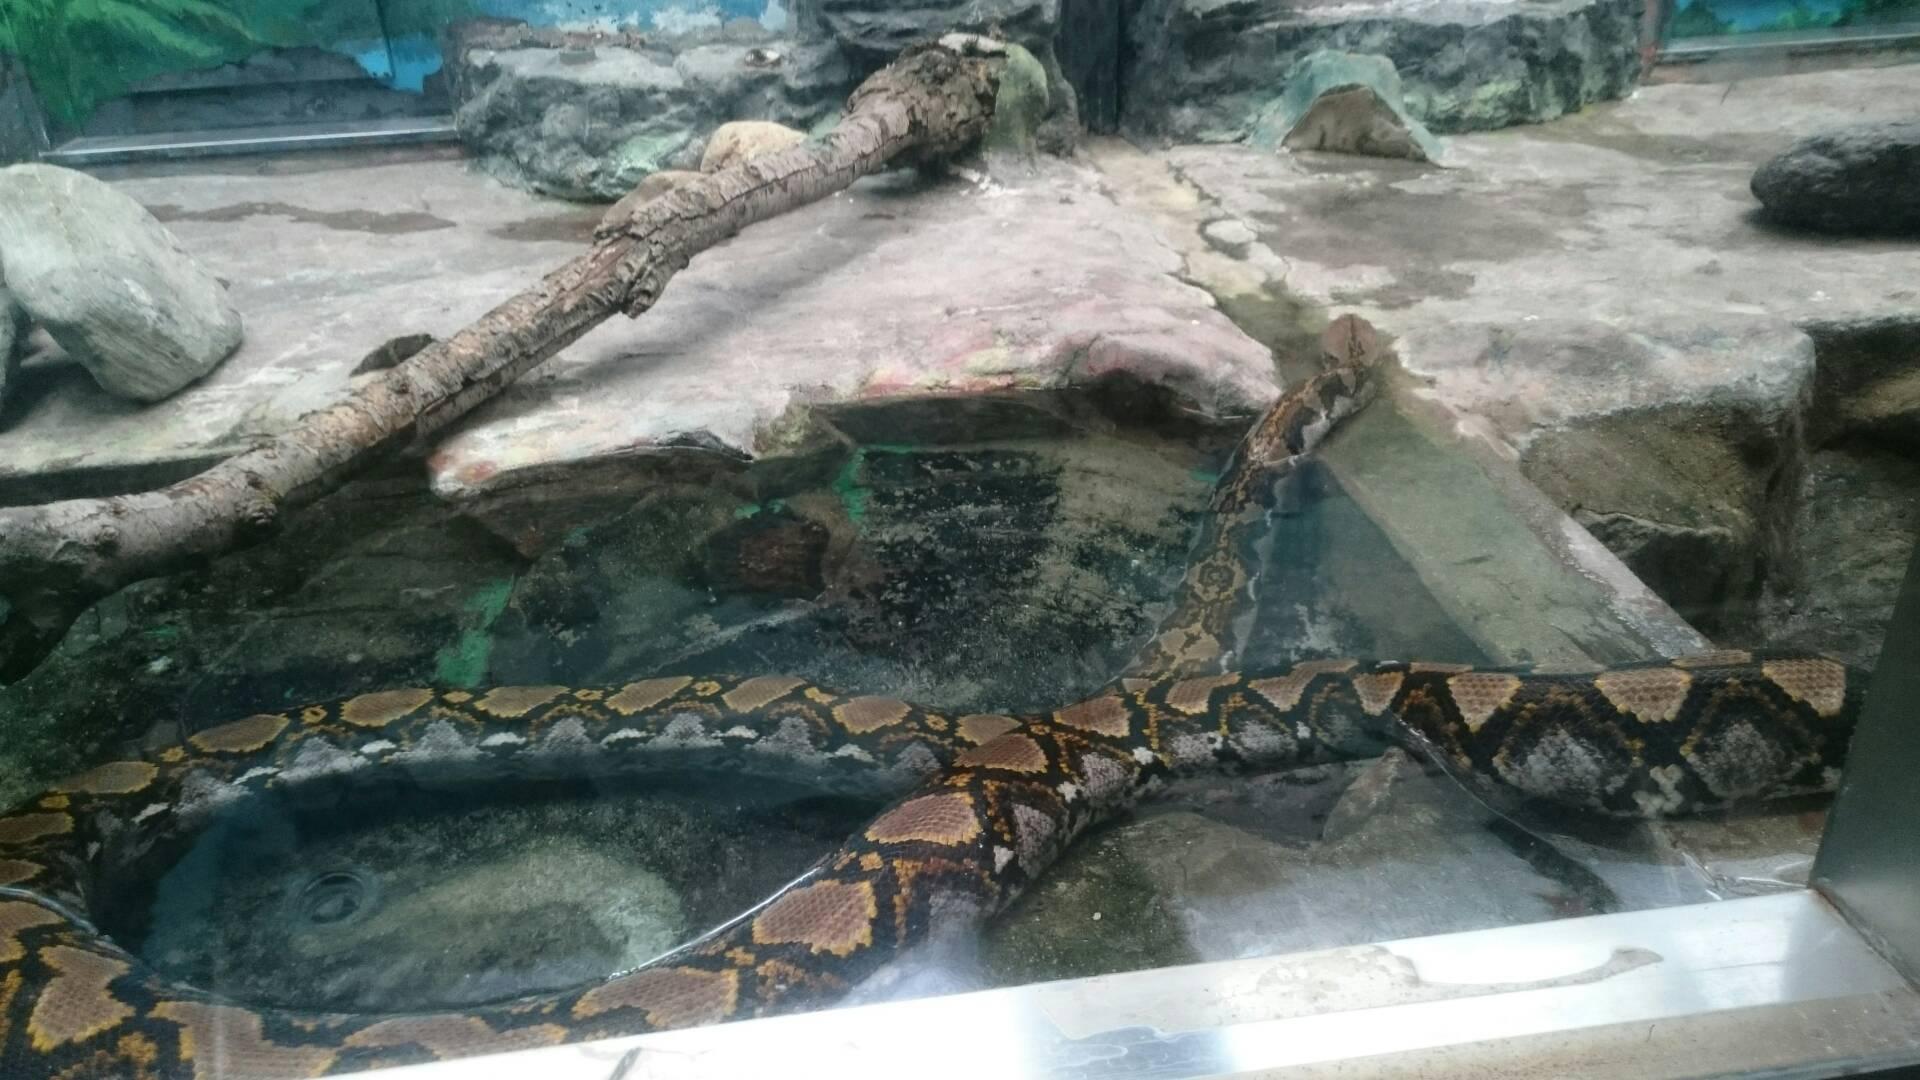 愛媛県立とべ動物園の蛇